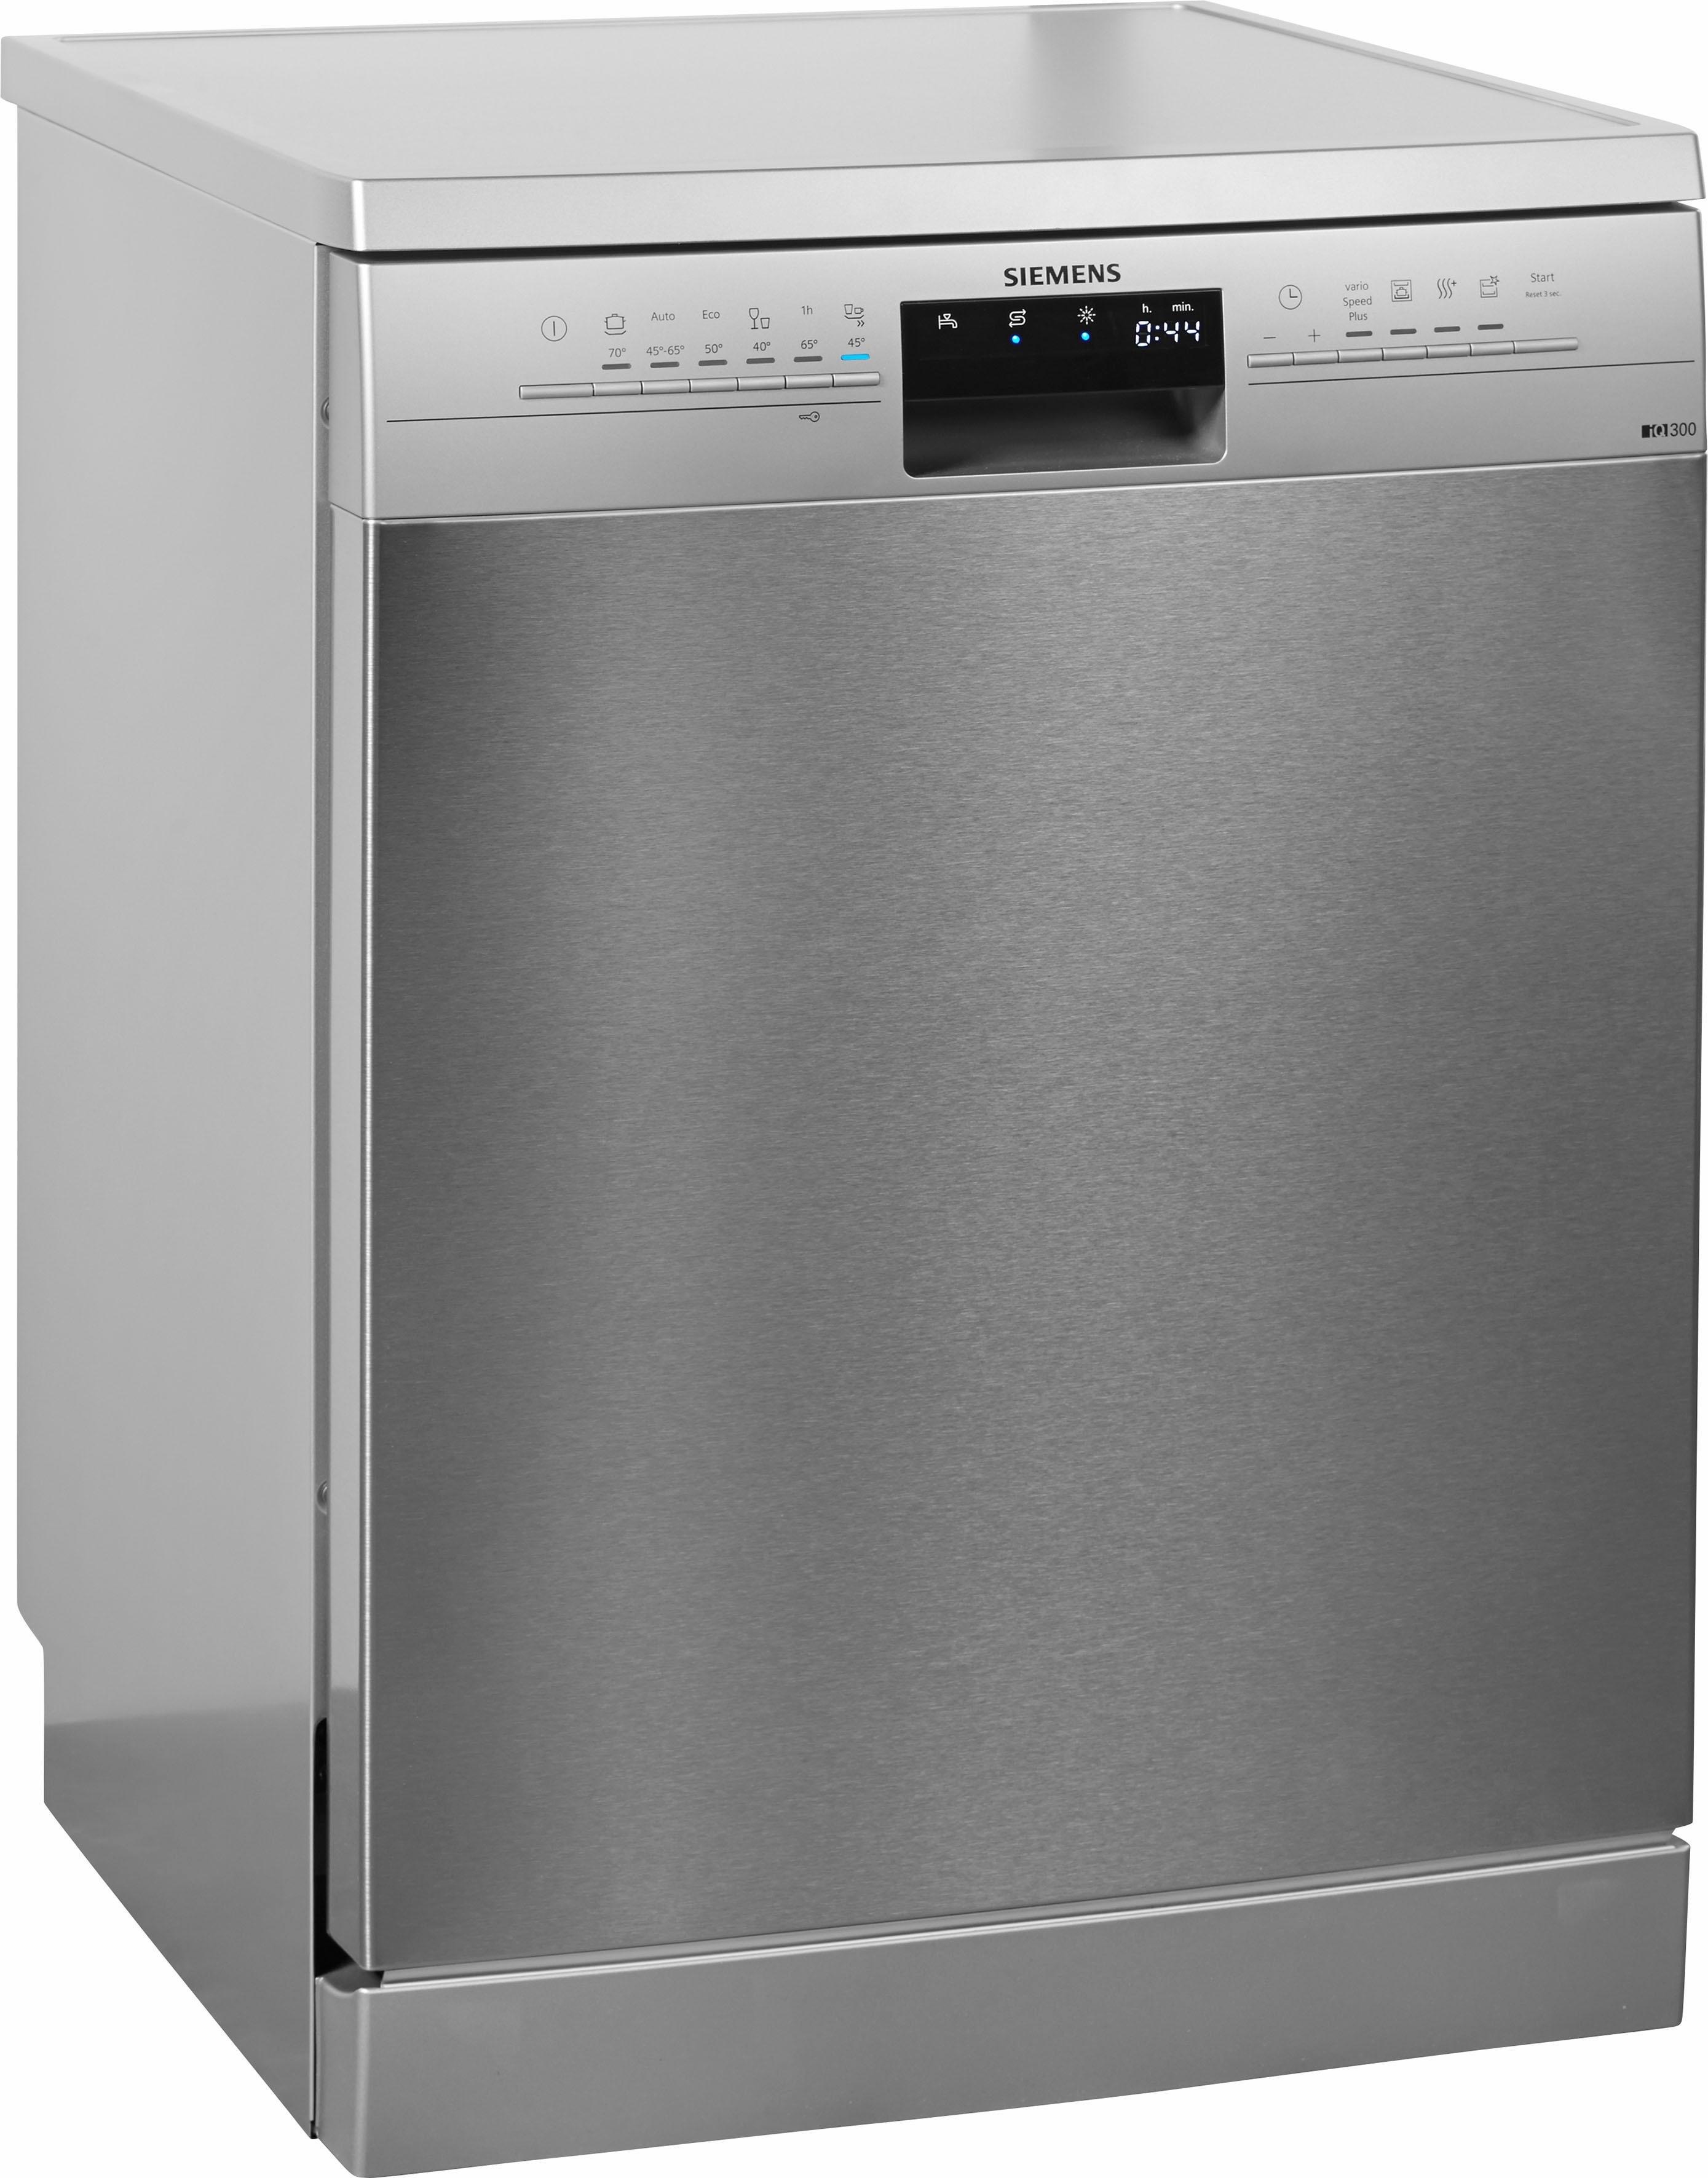 Siemens vaatwasser iQ300 SN236W01KE, A++, 9,5 liter, 13 standaardcouverts voordelig en veilig online kopen